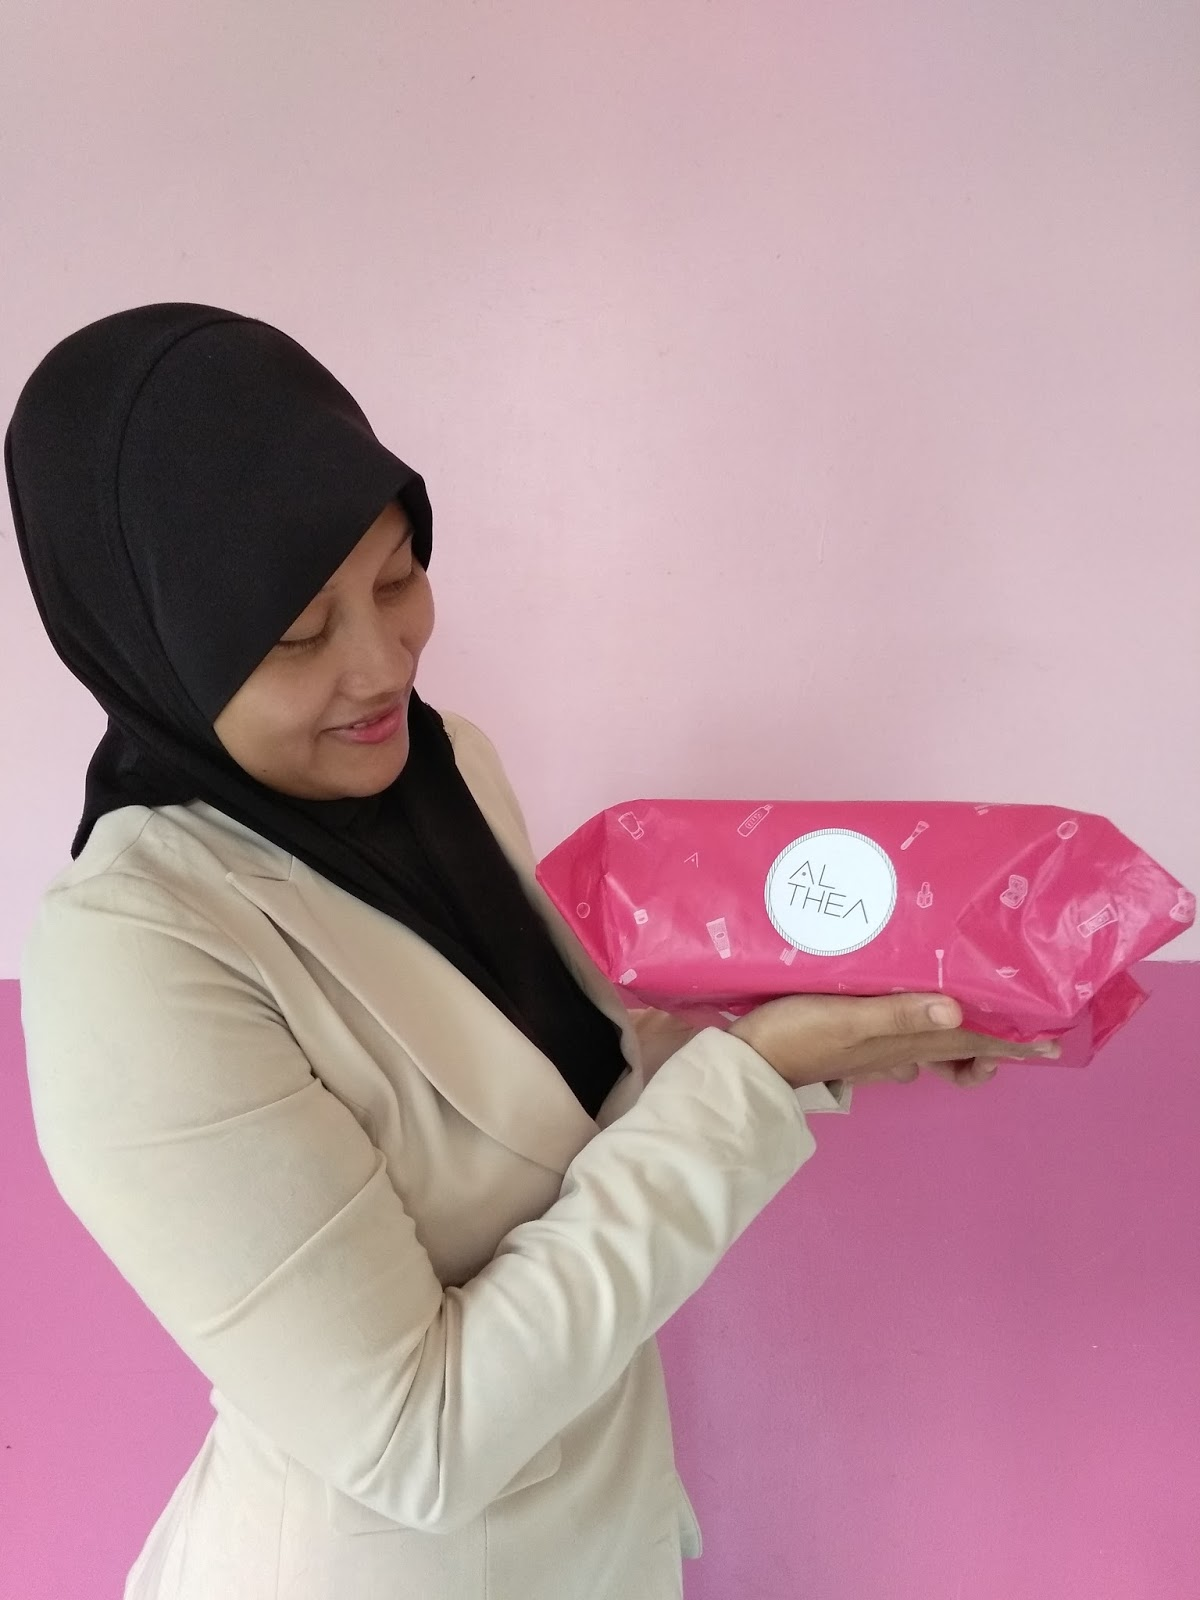 ALTHEA Bare Essential- Skincare terbaru dengan 3 cara mudah untuk cantik!